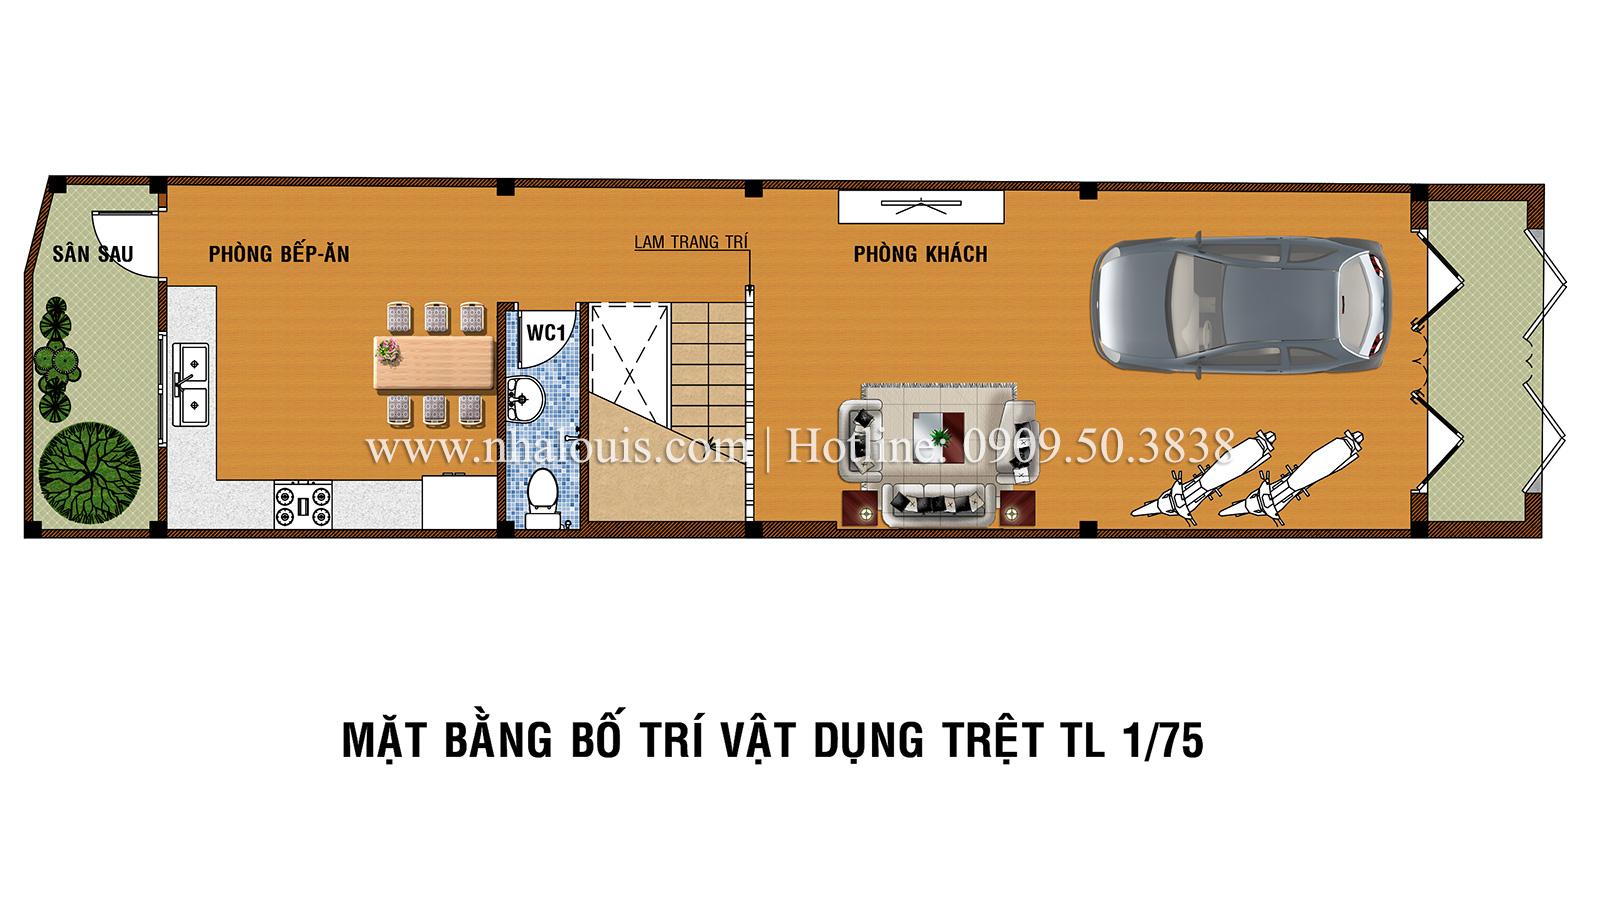 Mẫu nhà phố 5 tầng ở Tân Phú với phong cách hiện đại tinh tế - 03